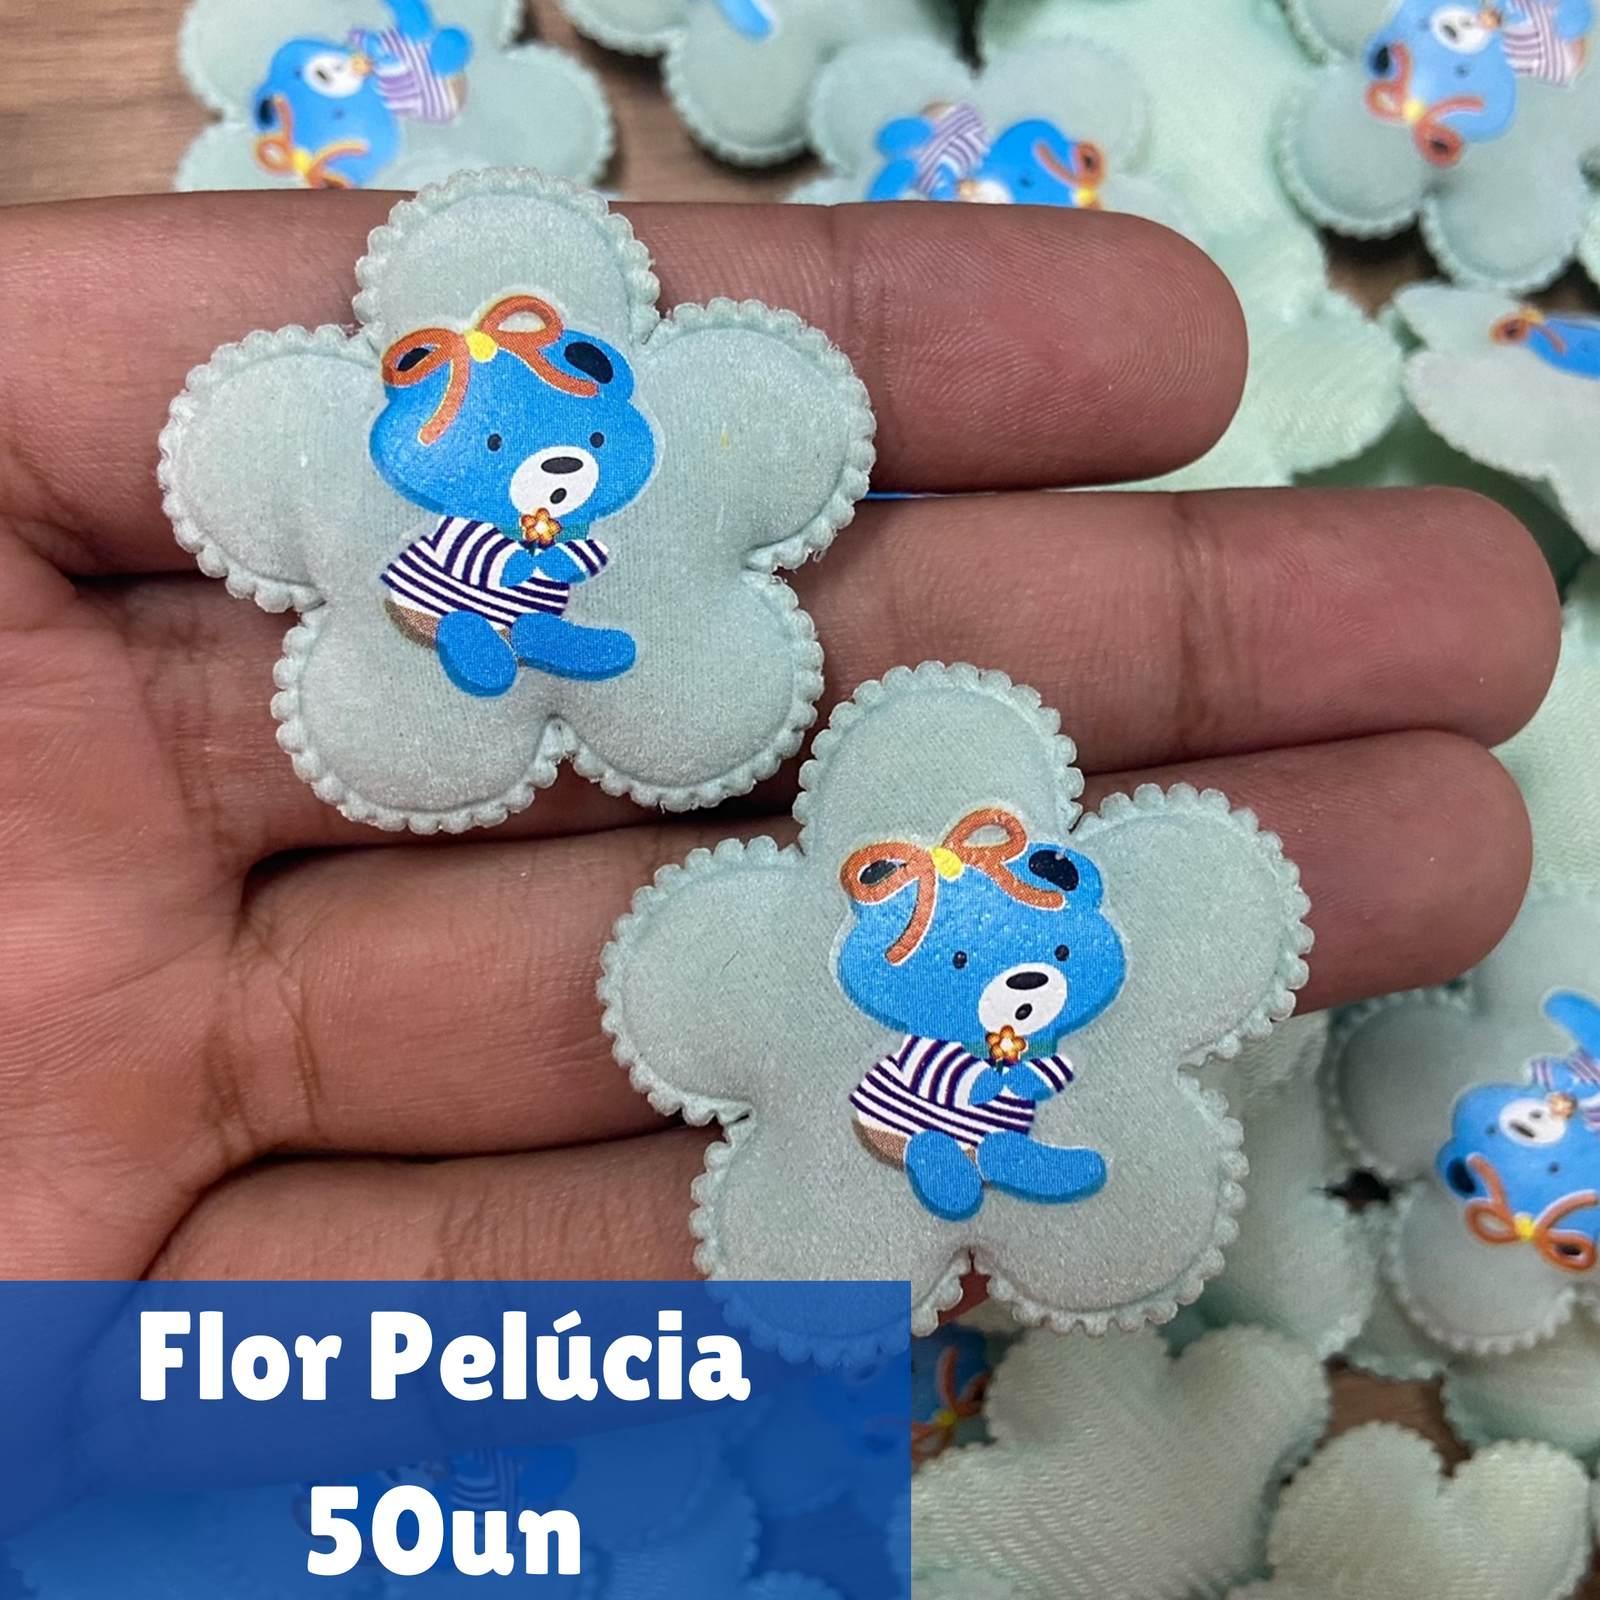 Pelúcia Flor (ursinho central) - 50 un